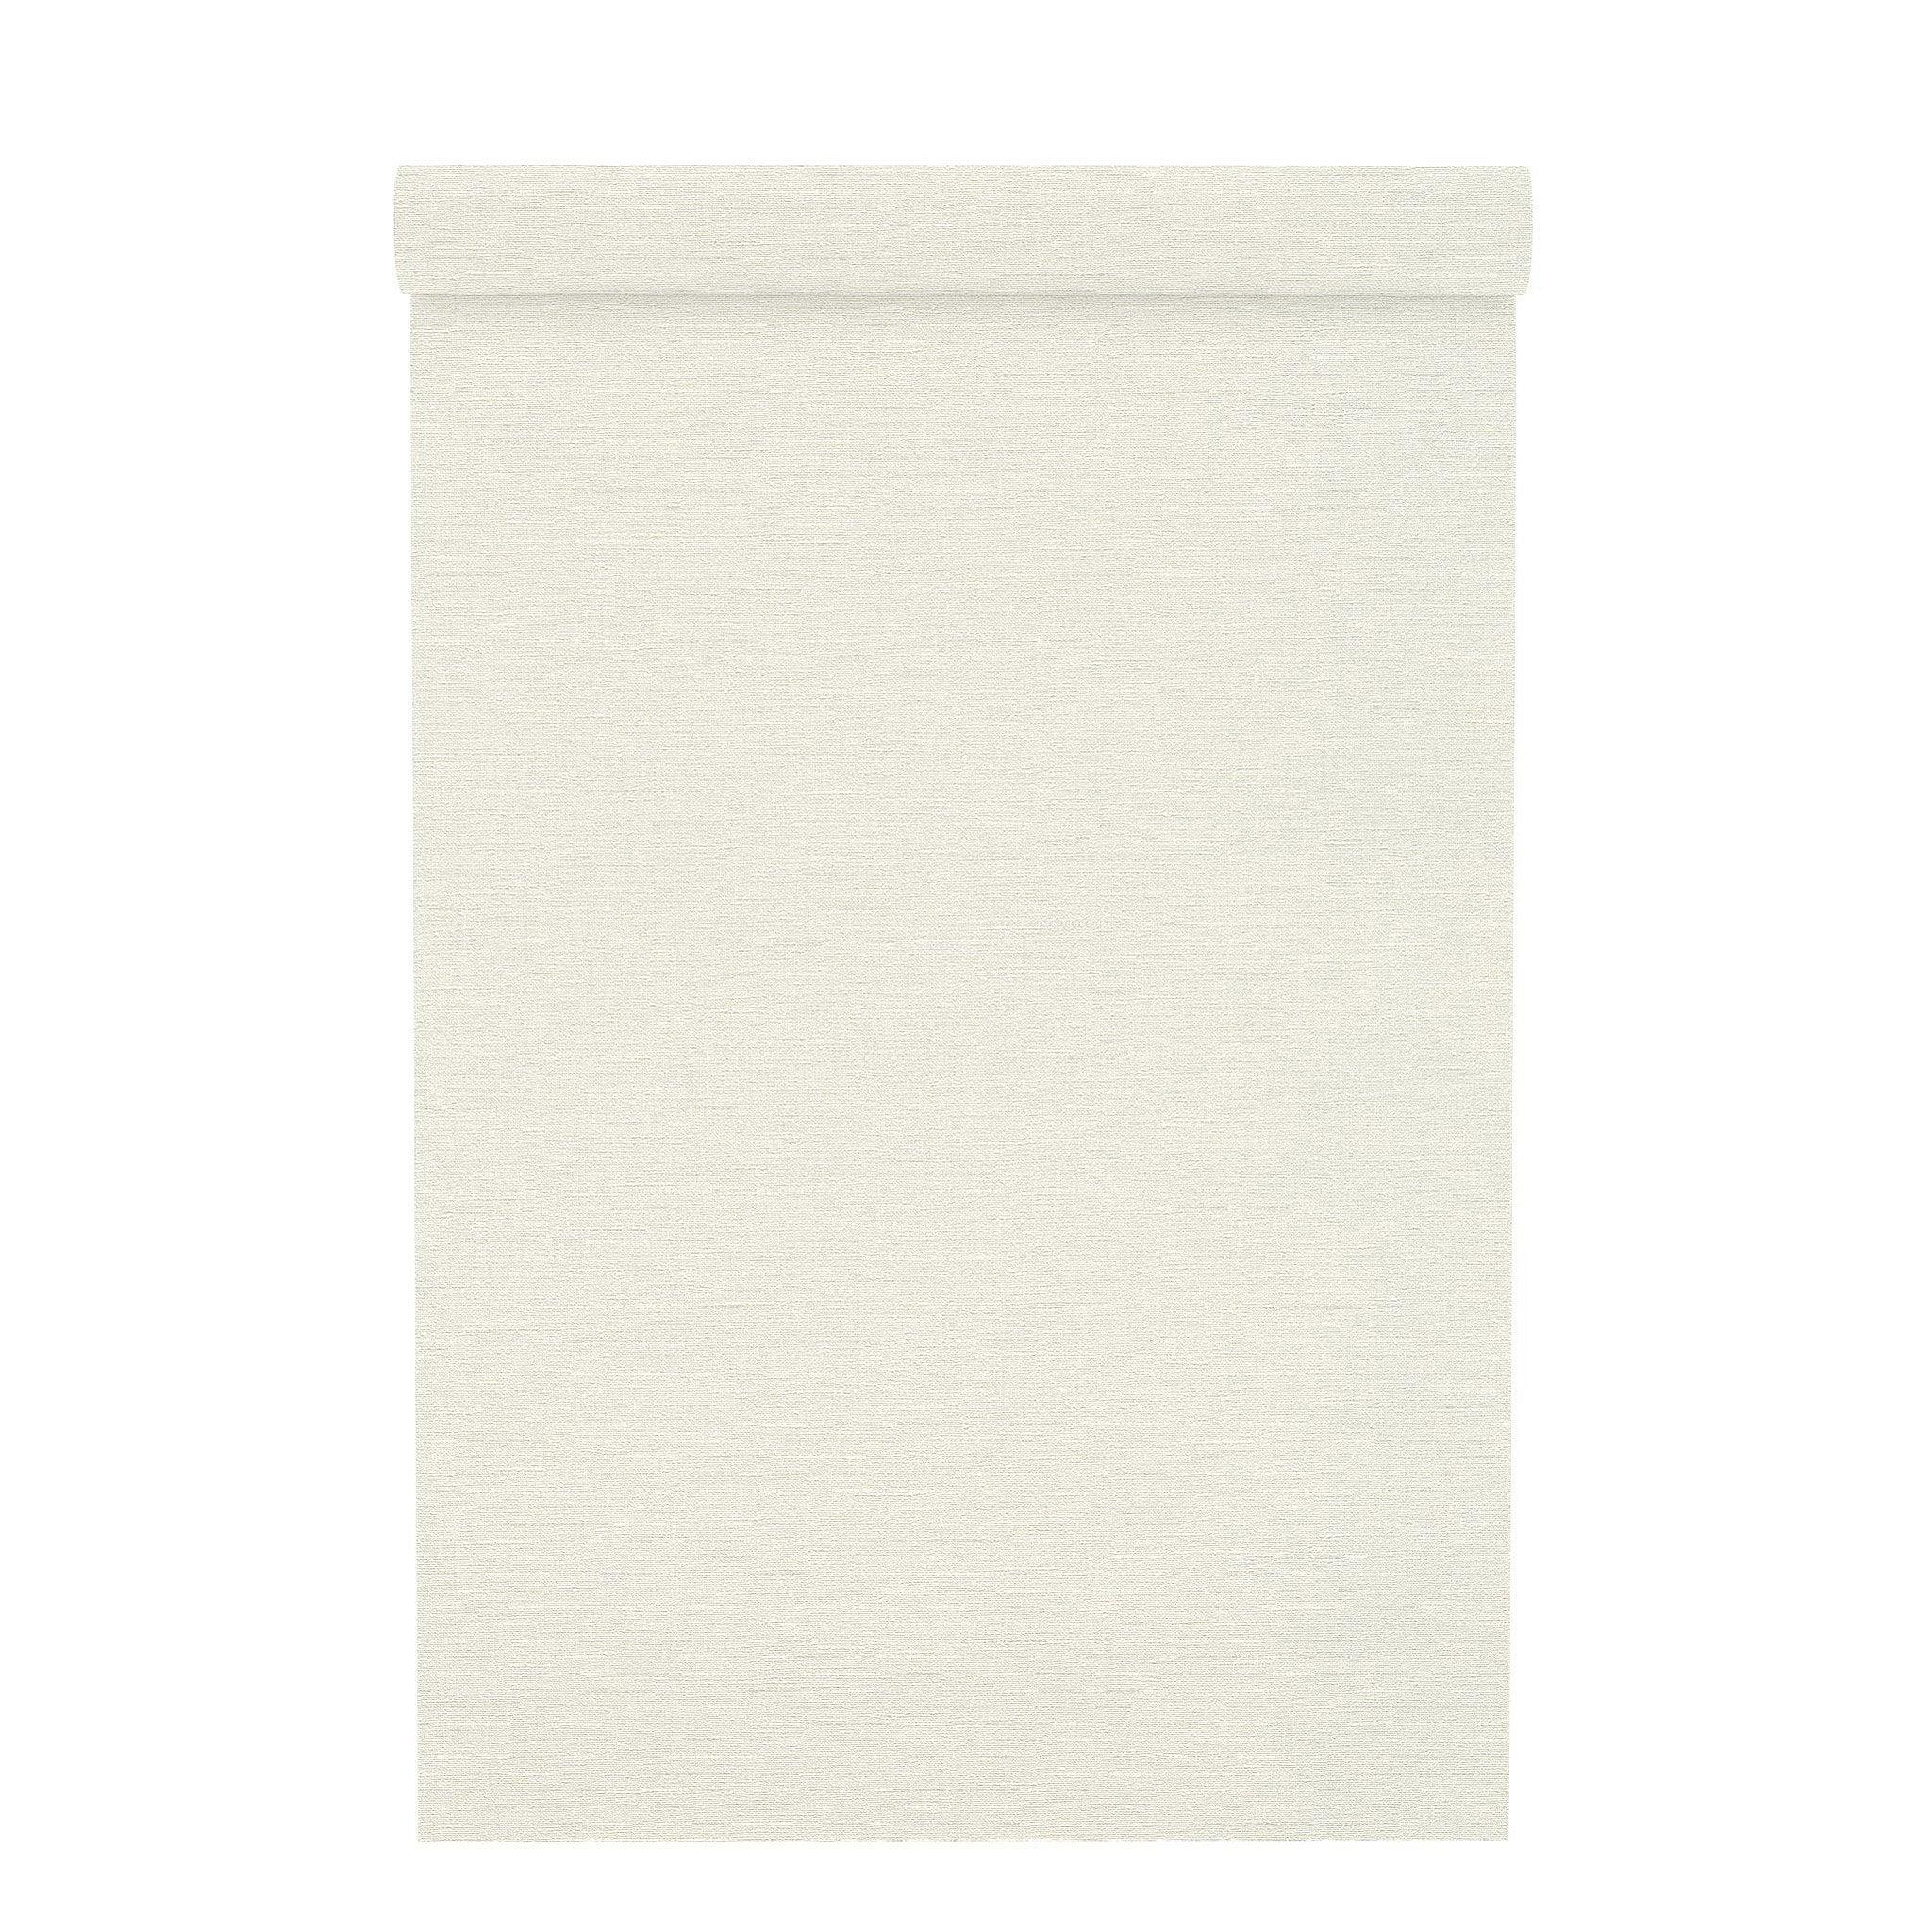 Papier peint vinyle sur intissé Carolyn uni blanc